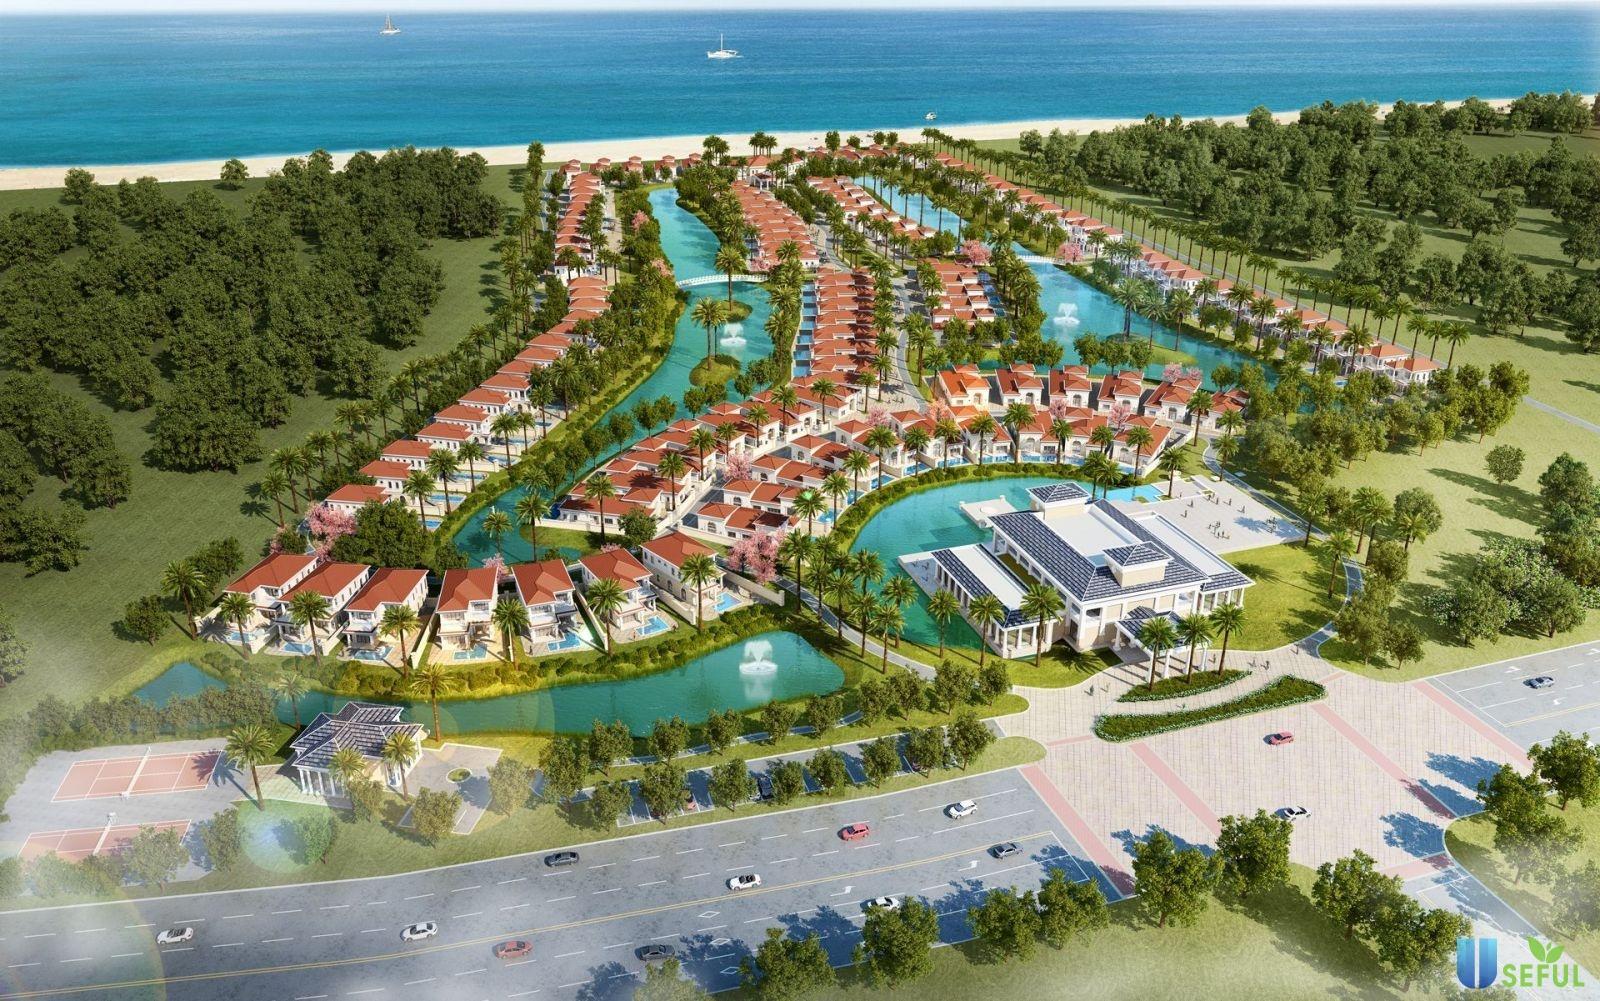 Vinpearl Resort & Spa Đà Nẵng - Biệt Thự Biển Vinpearl Đà Nẵng